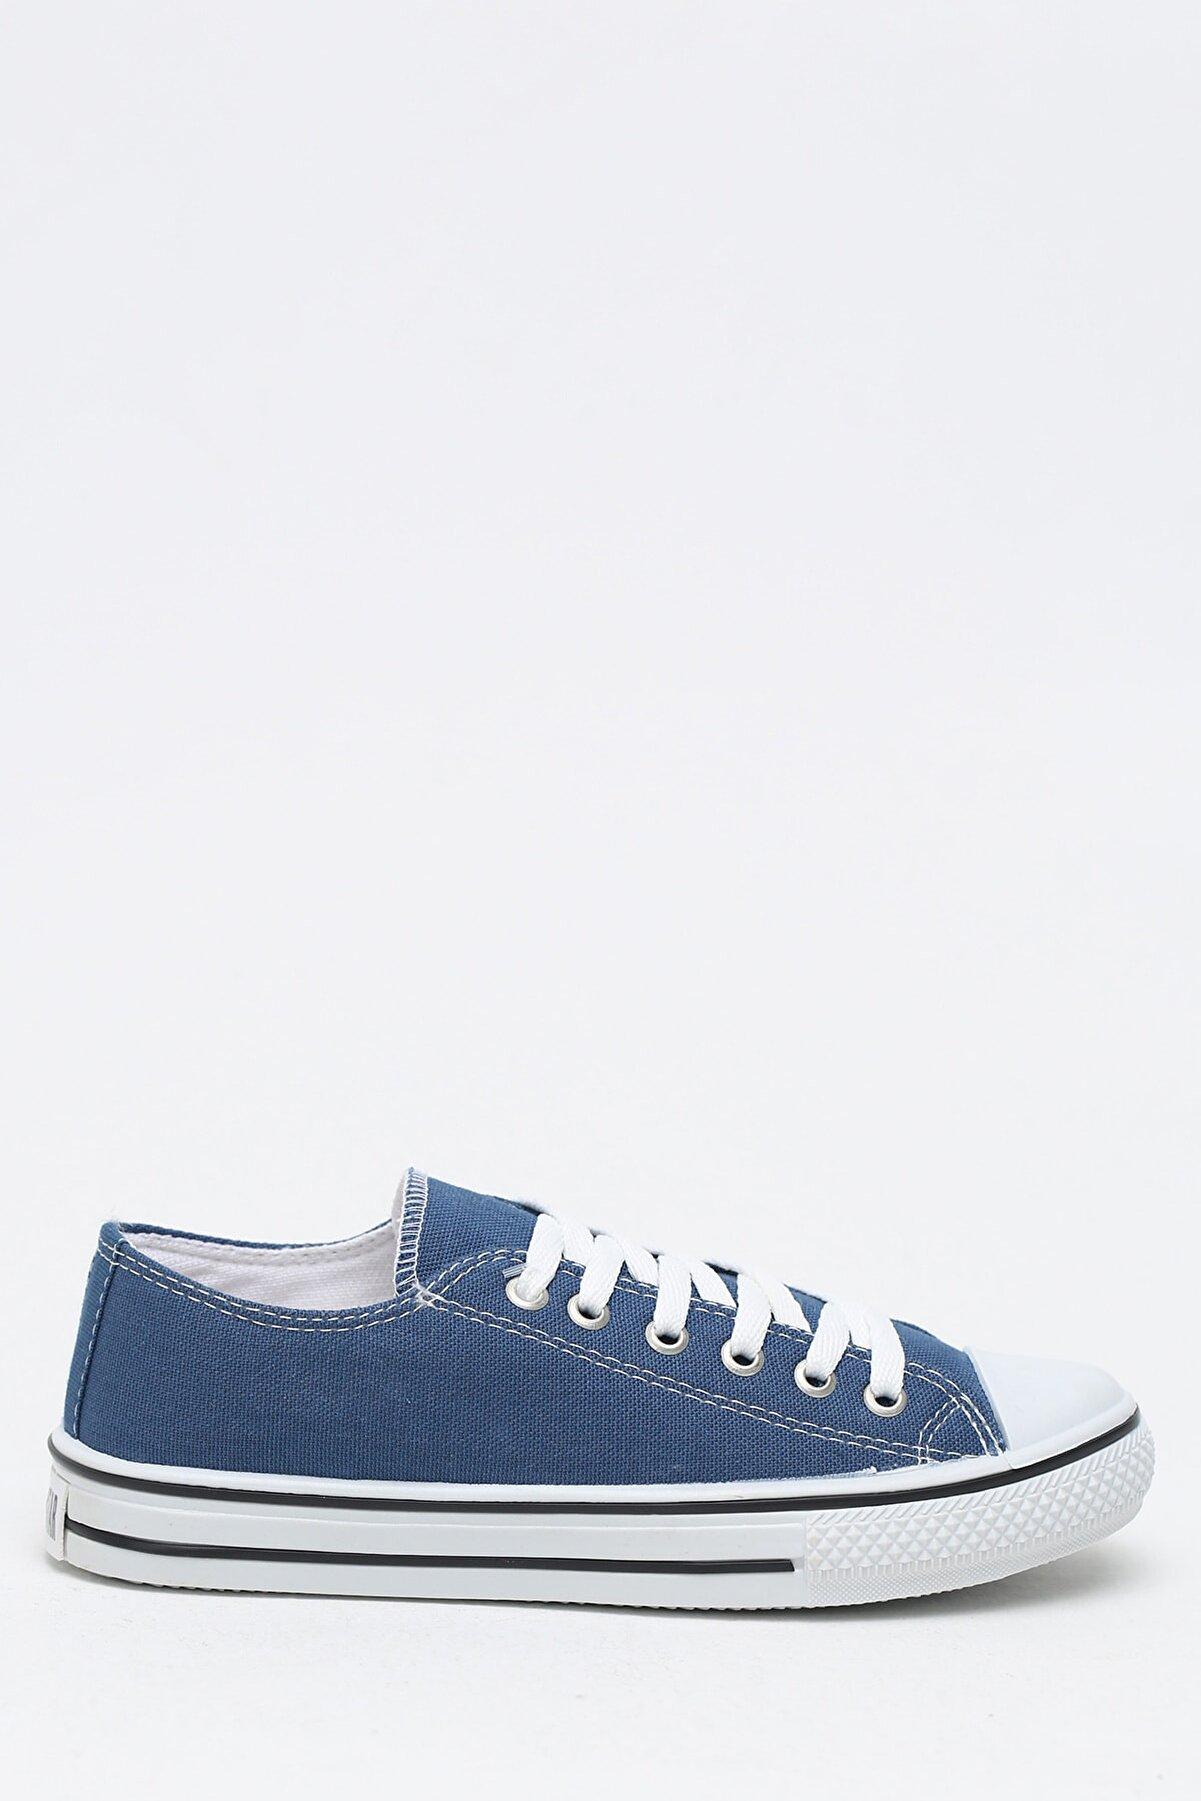 Ayakkabı Modası Kadın Keten Kısa Ayakkabı